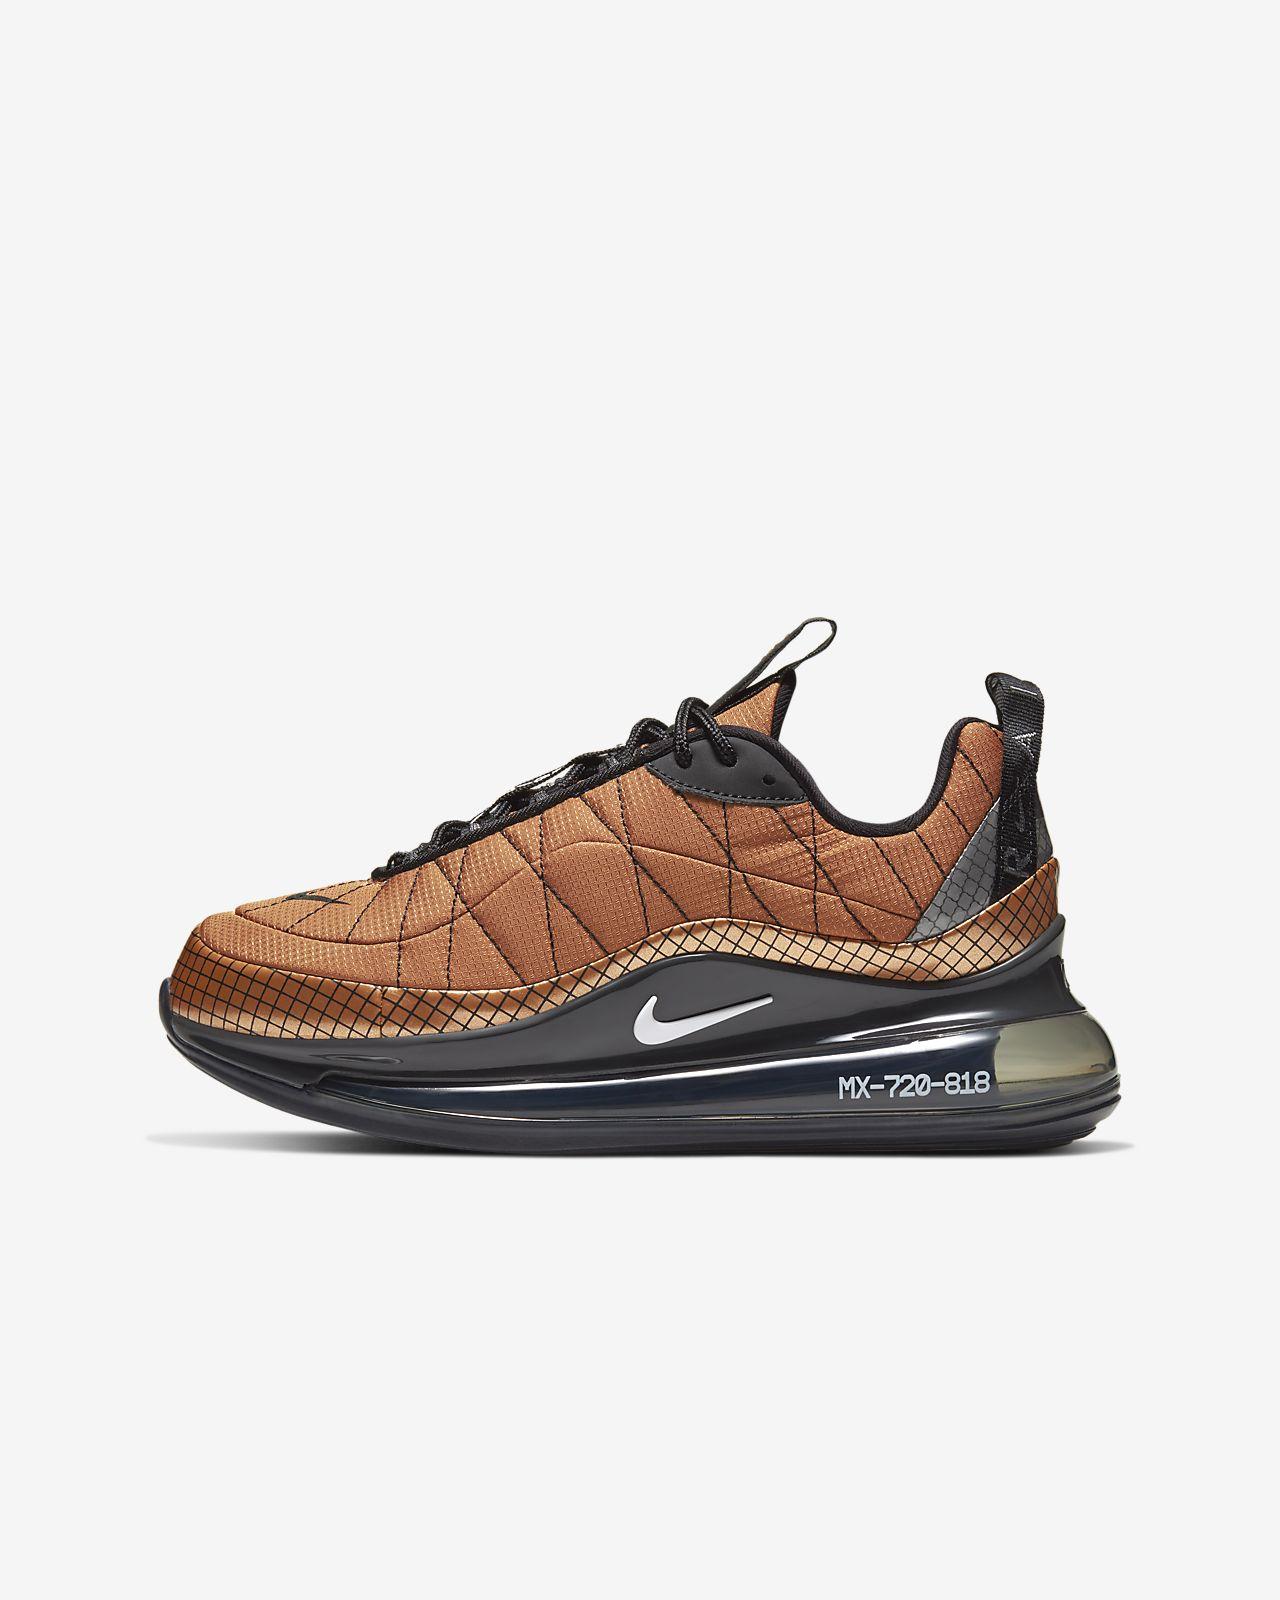 ältere Nike 720 für 818 Schuh Kinder MX wXZnk80NOP